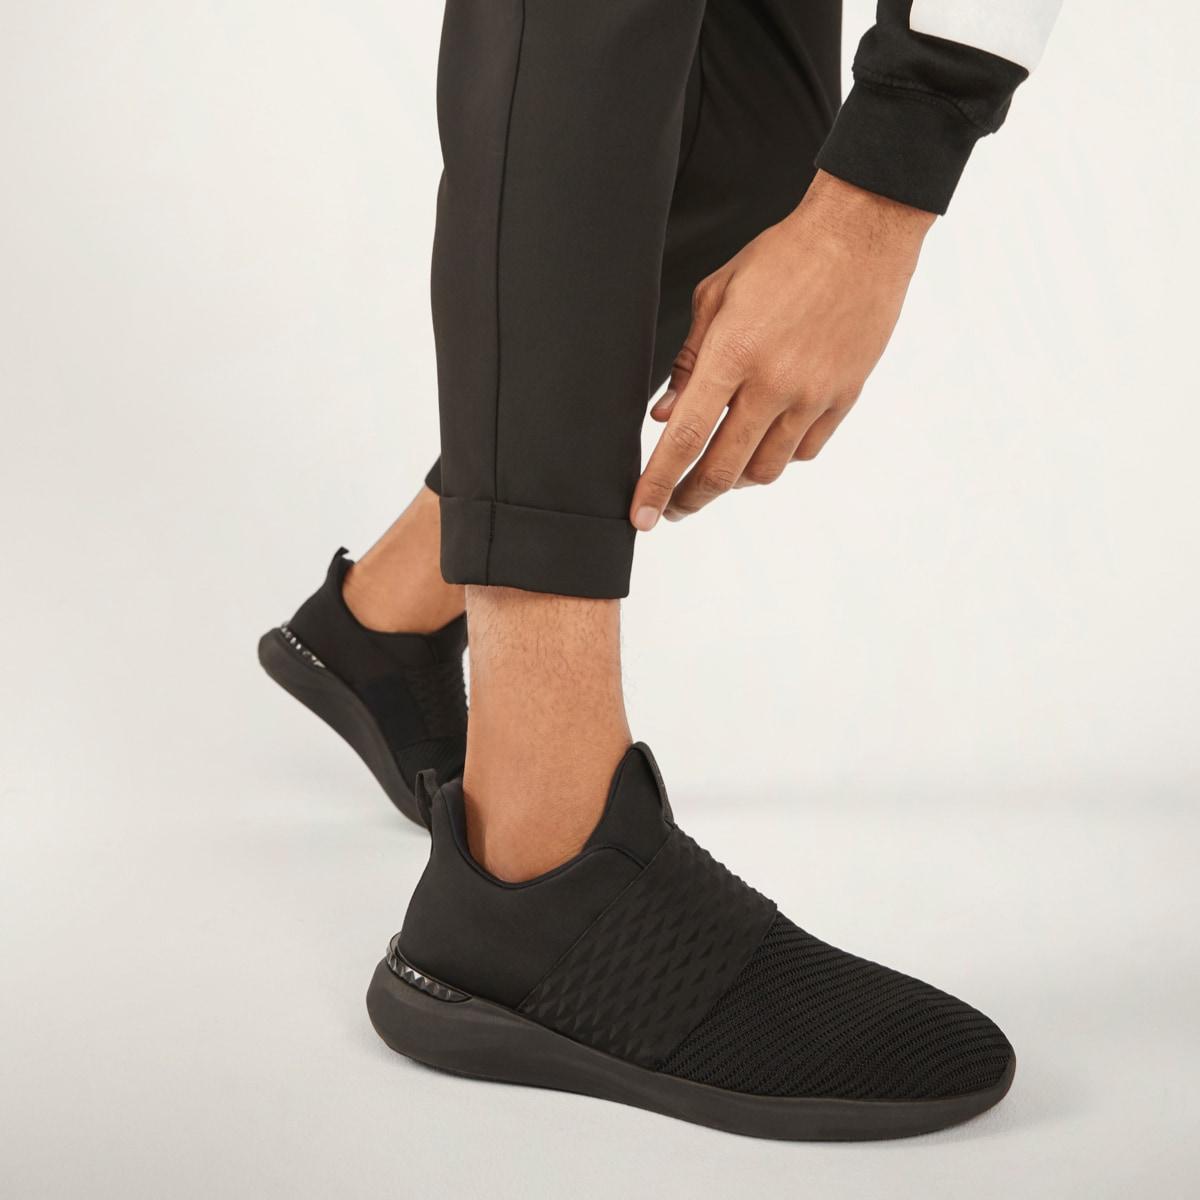 Sneakers RPPL sans lacets Noir Hommes